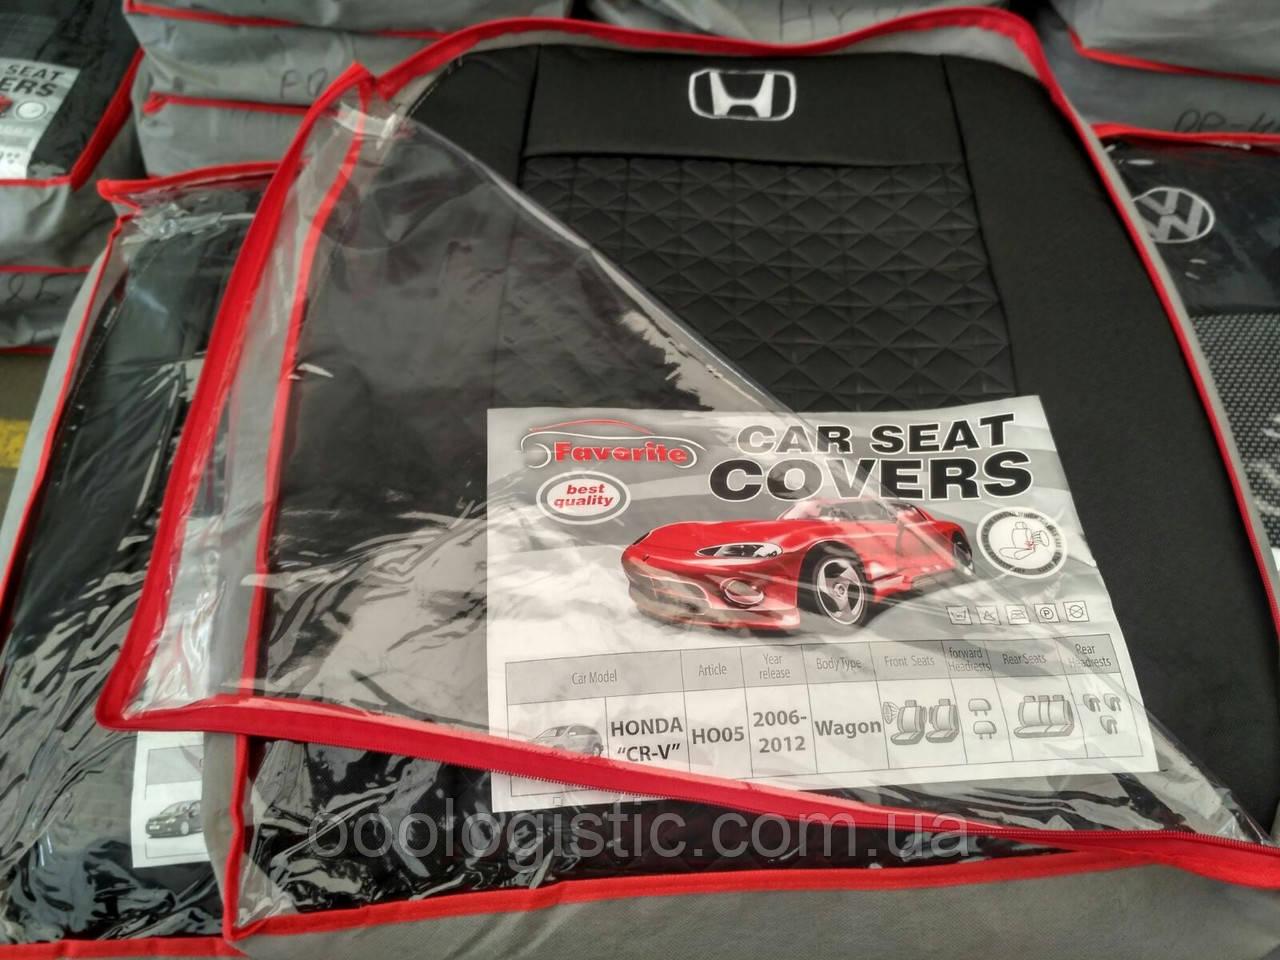 Авточехлы  на Honda CR-V (USA) 2006- 2012 wagon,Хонда CR-V 2006-2012 года вагон